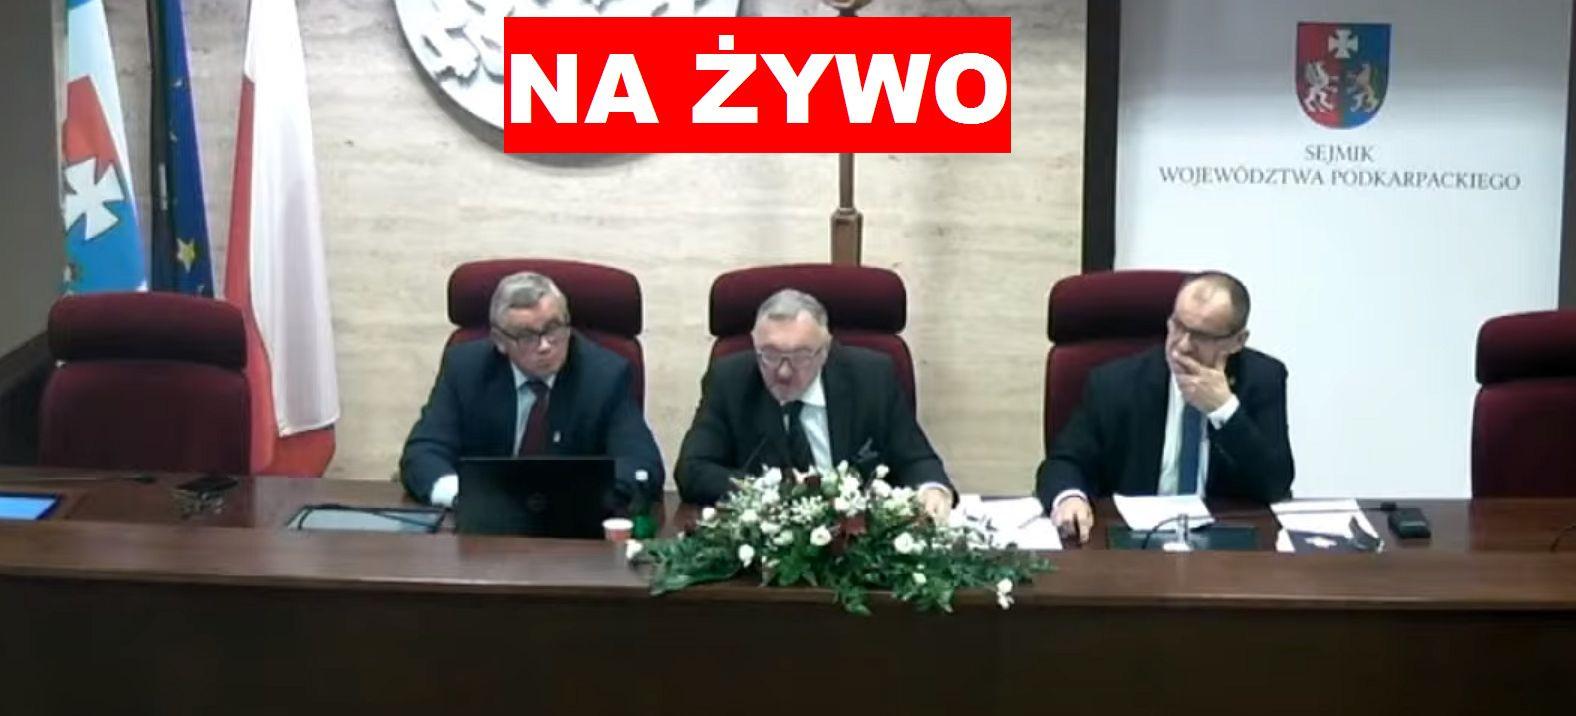 tvPolska.pl : Sesja Sejmiku Województwa Podkarpackiego. Oglądaj NA ŻYWO!